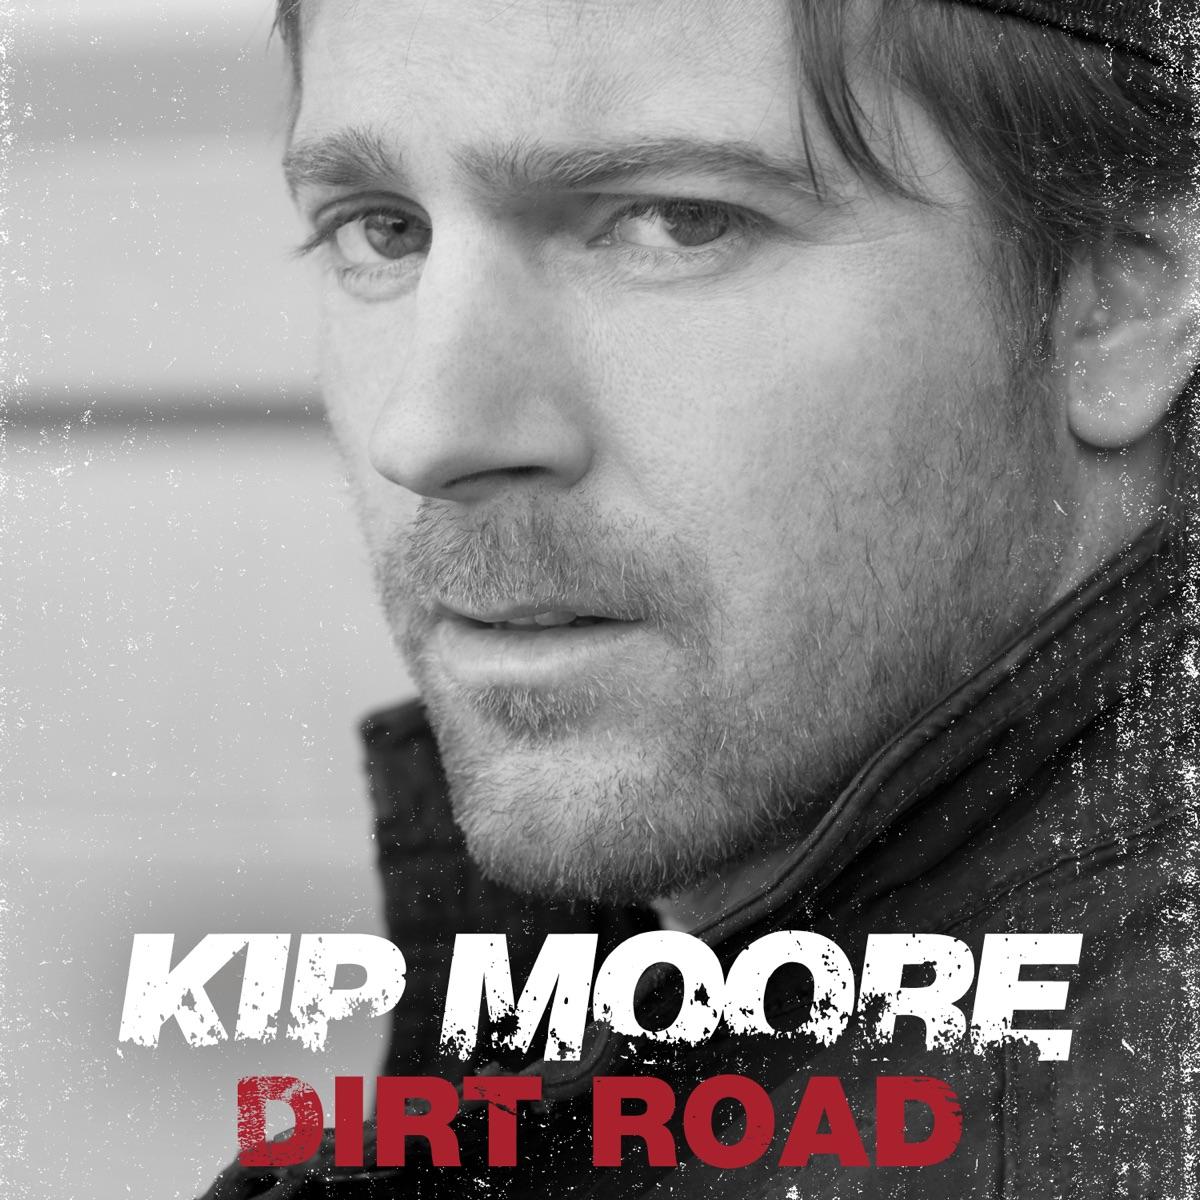 Dirt Road - Single Kip Moore CD cover